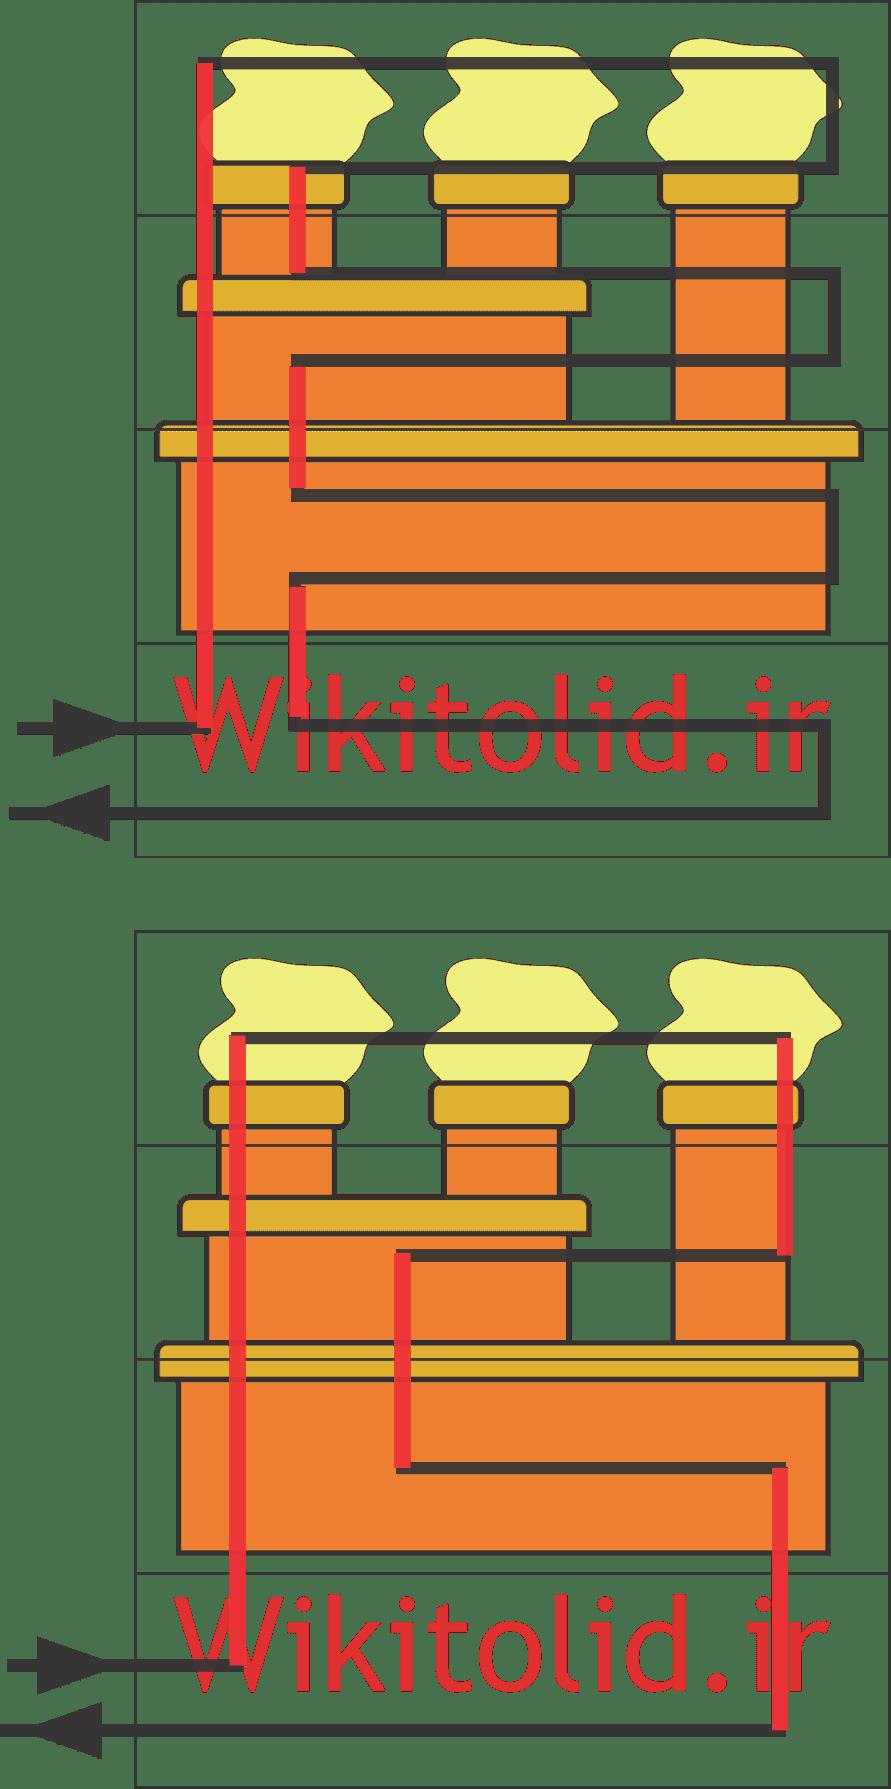 سیستمهای مرکزی و مرکززدایی برای تجهیزات انتقال مواد